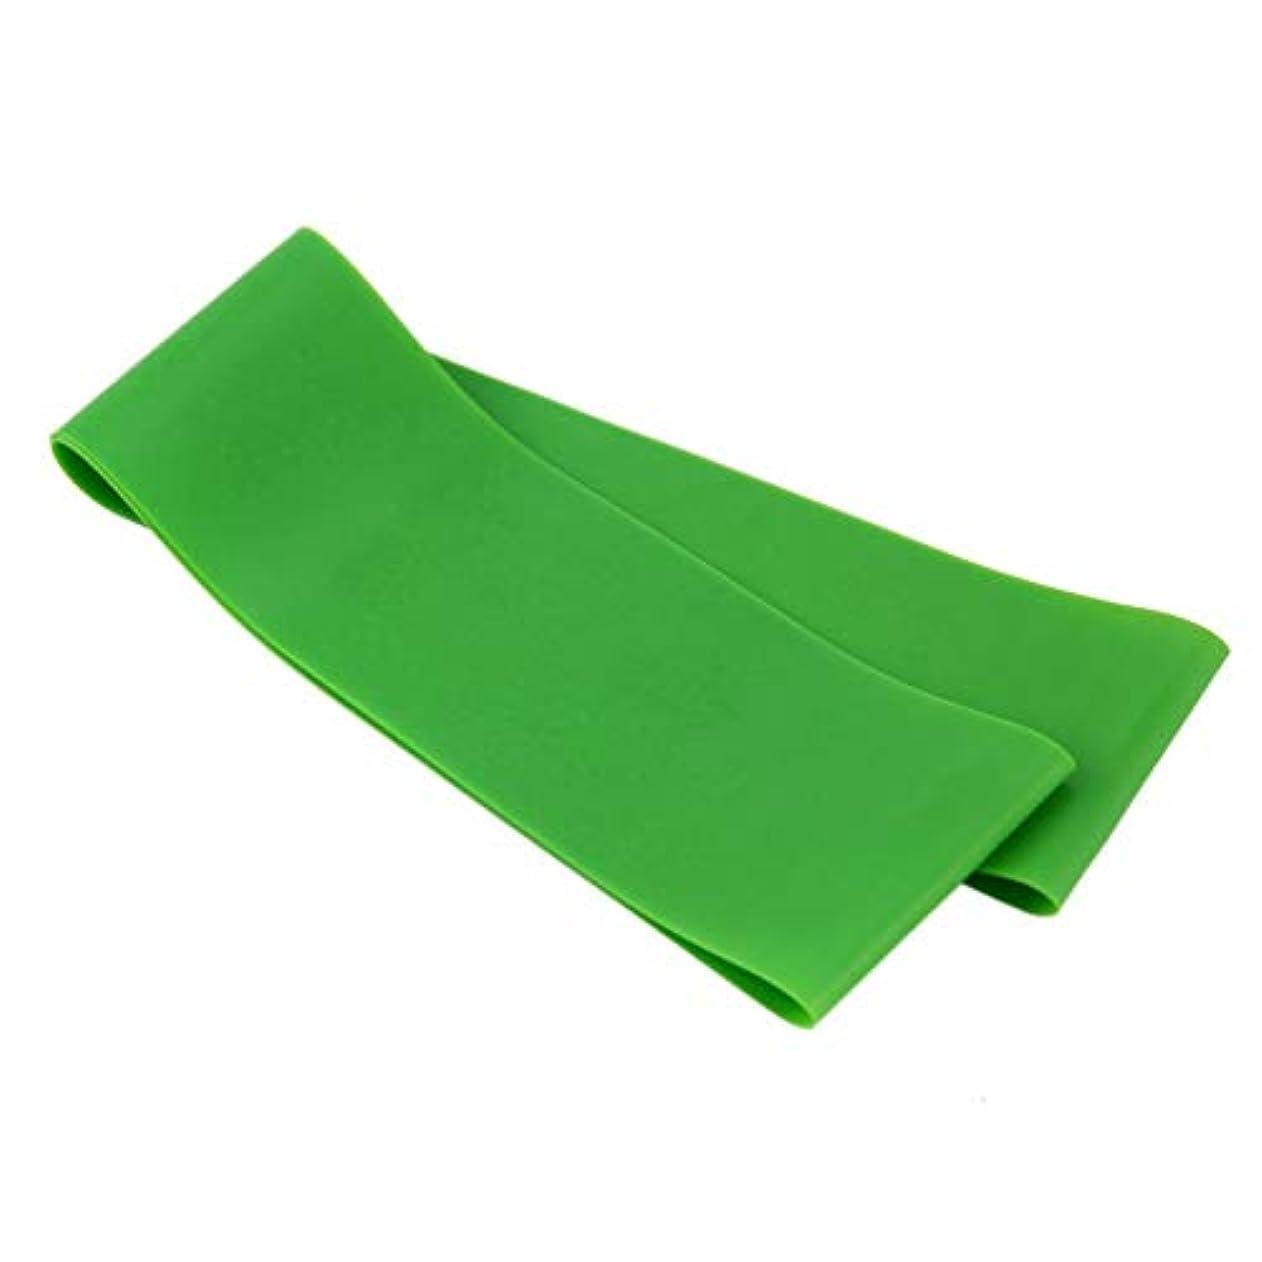 と組むシビック裸滑り止め伸縮性ゴム弾性ヨガベルトバンドプルロープ張力抵抗バンドループ強度のためのフィットネスヨガツール - グリーン